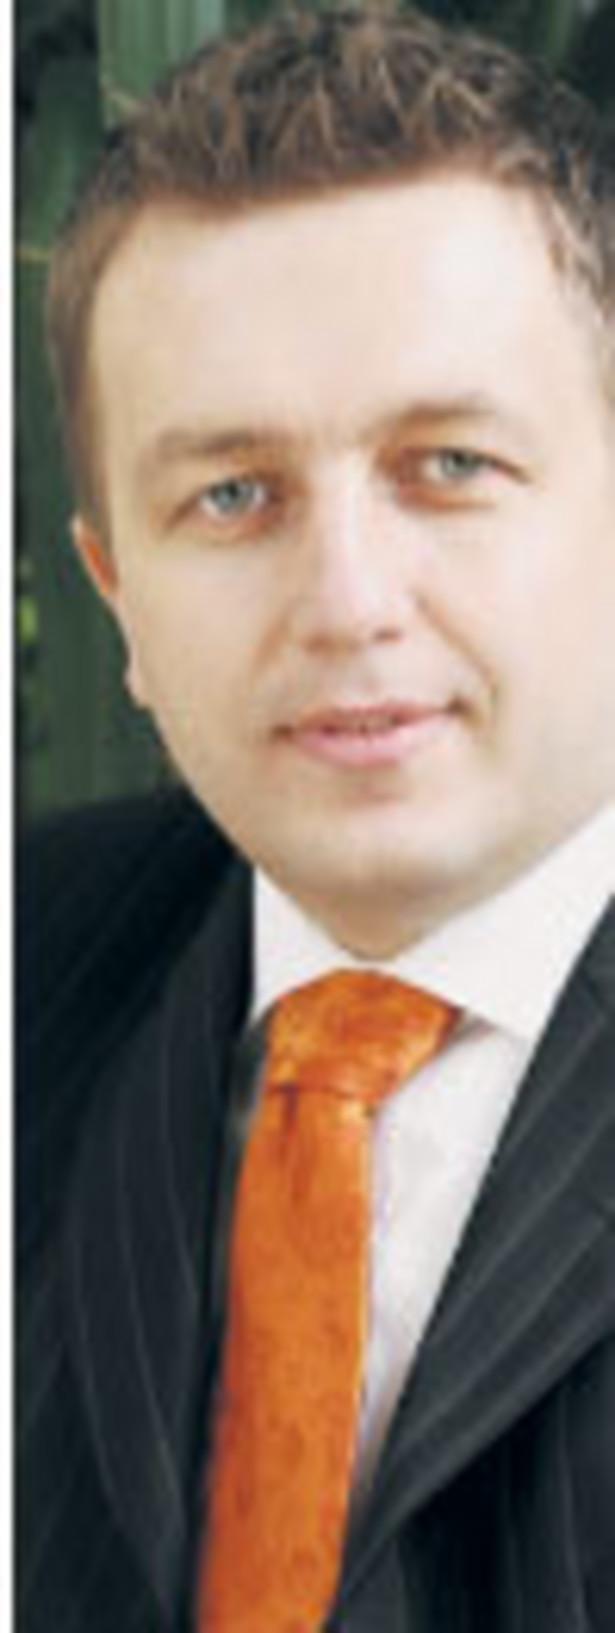 Piotr Trębicki, radca prawny, szef działu zamówień publicznych w Kancelarii Gessel w Warszawie